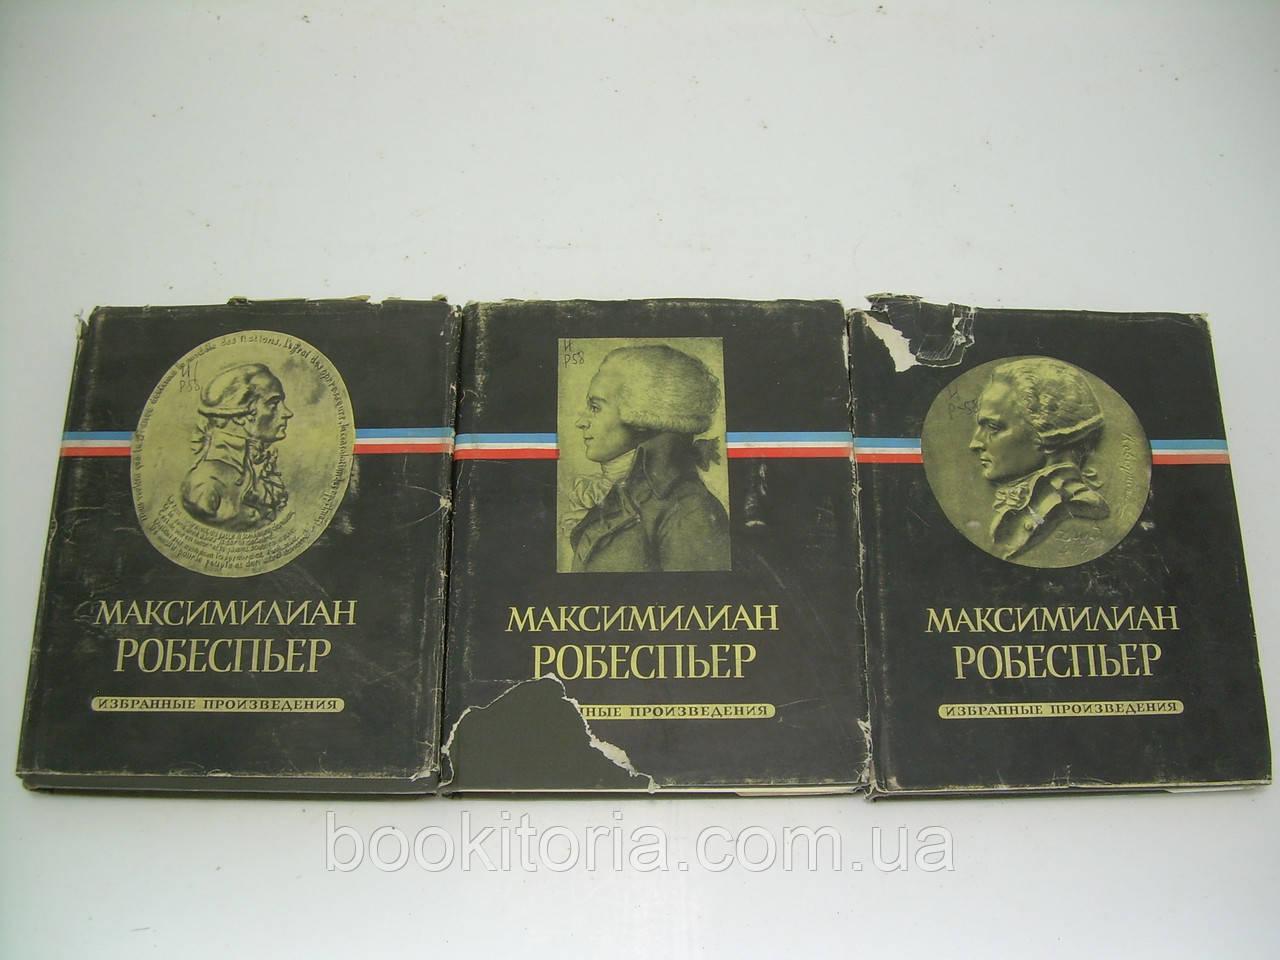 Робеспьер. Избранные произведения. В трех томах (б/у).